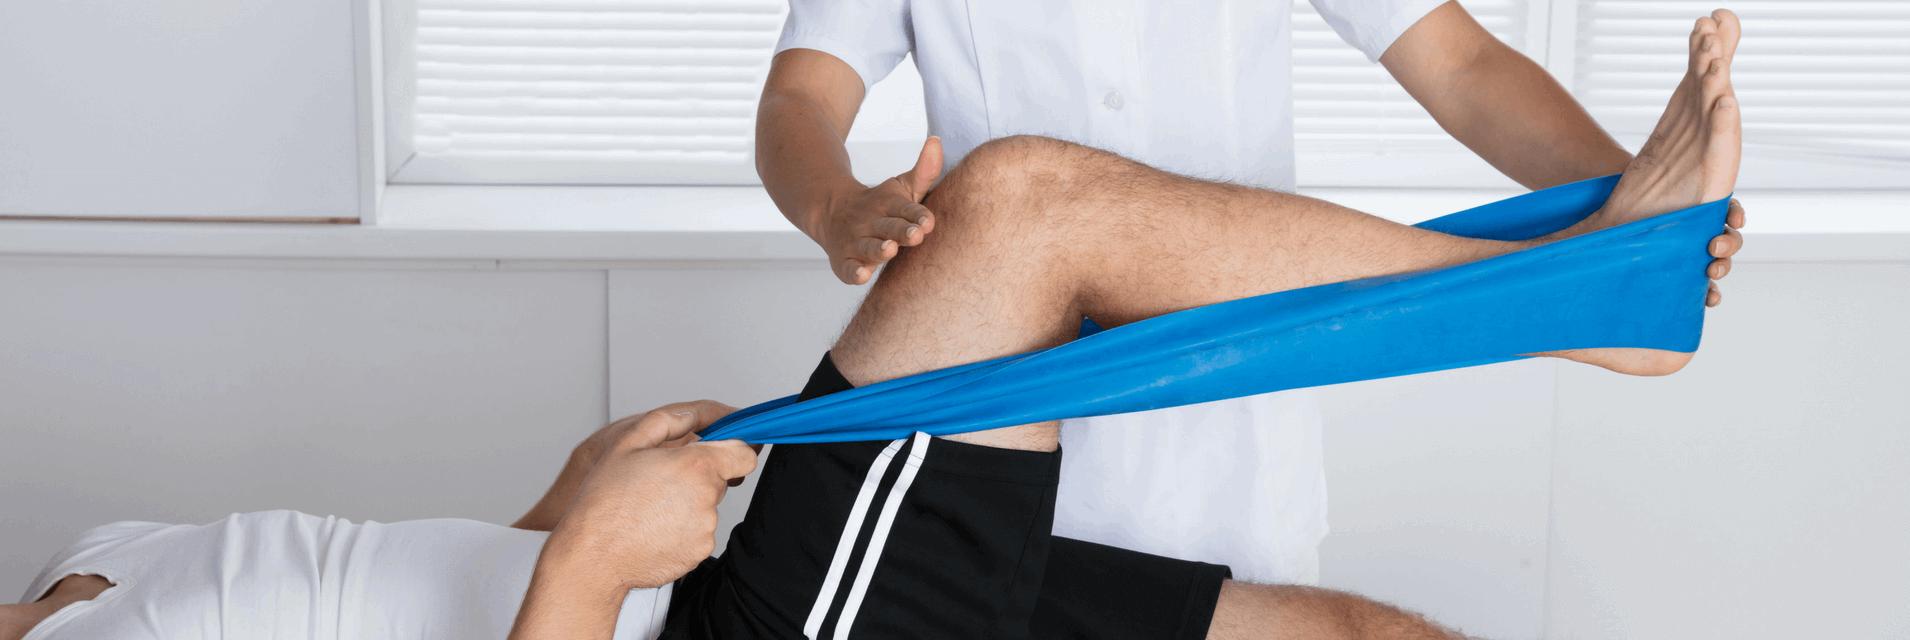 rehabilitacja-betamed